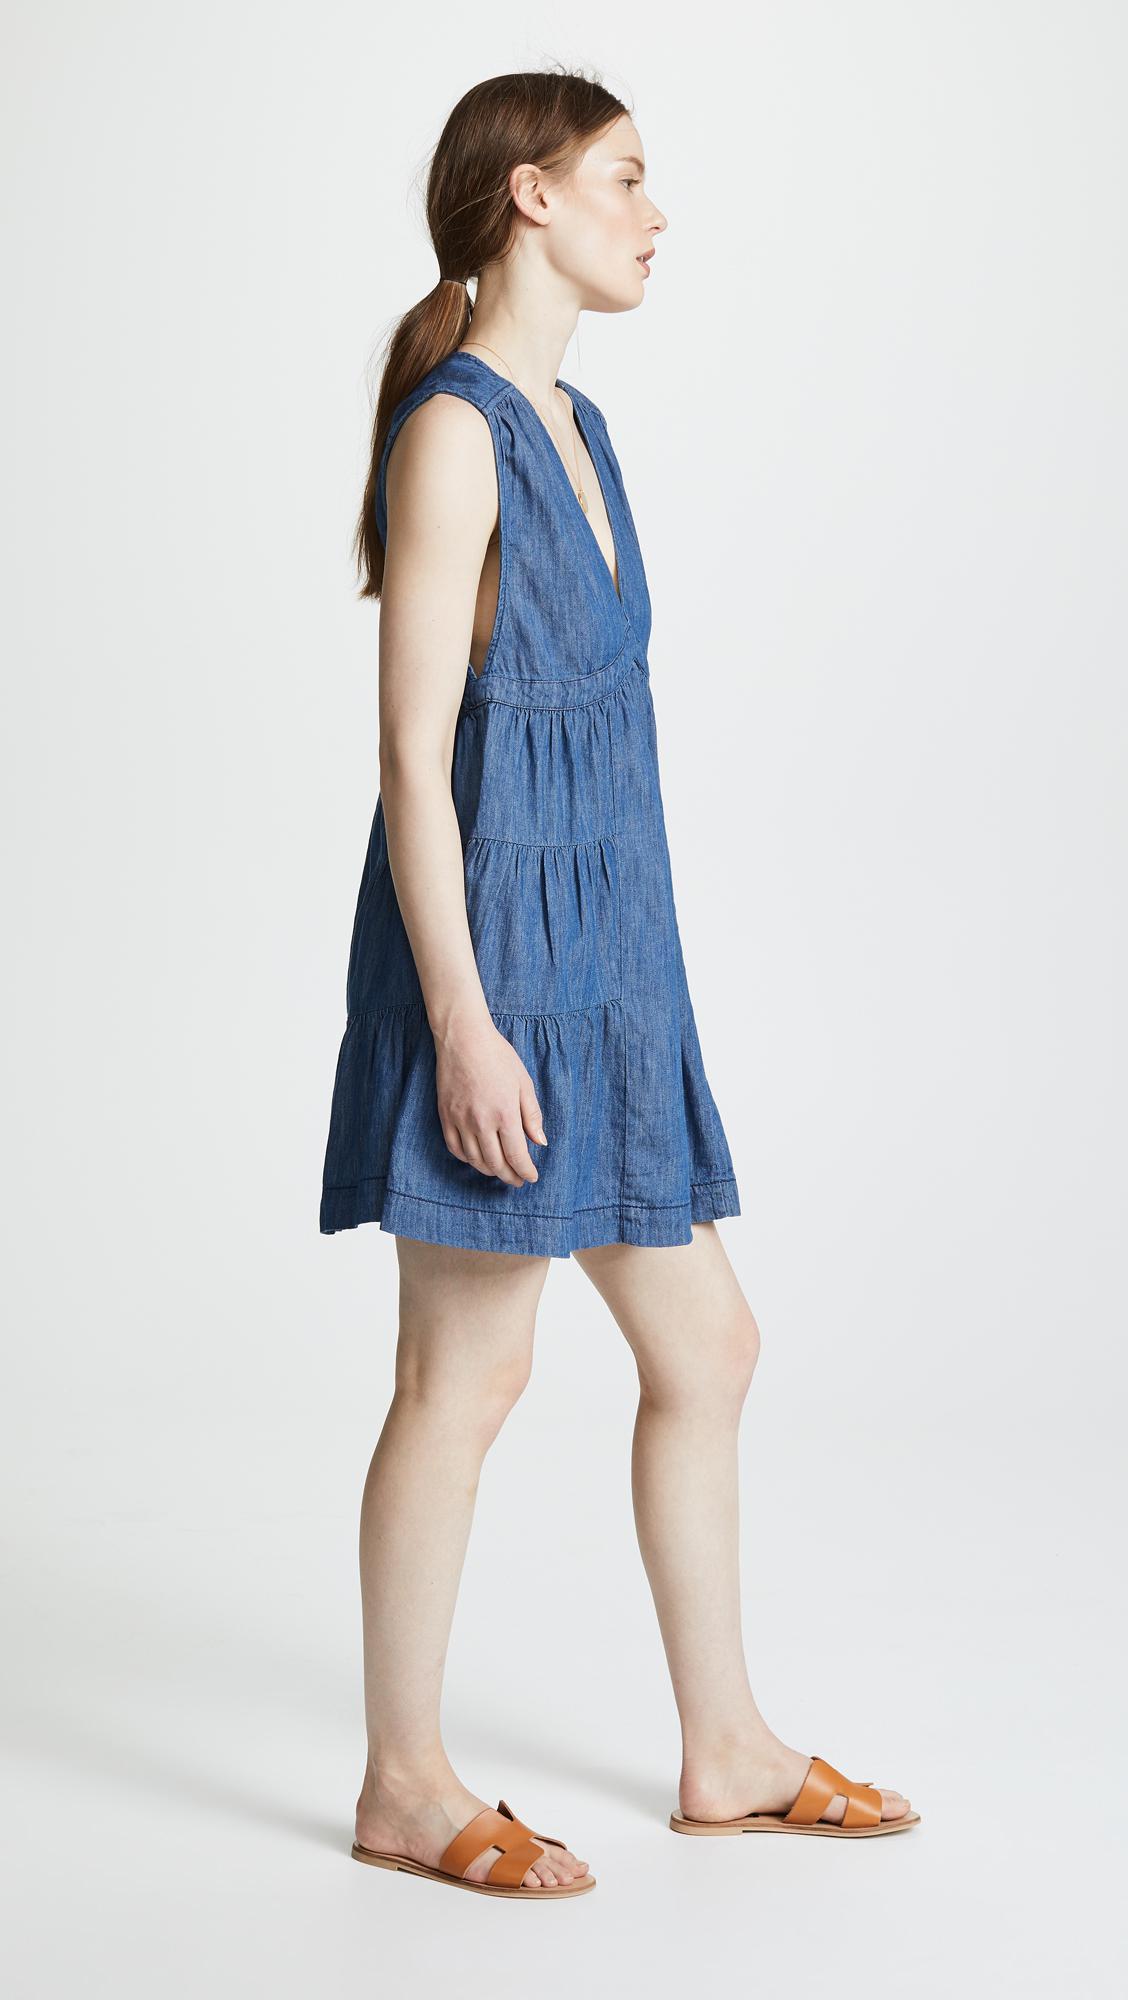 741b4ef14b2d Lyst - Free People Esme Mini Dress in Blue